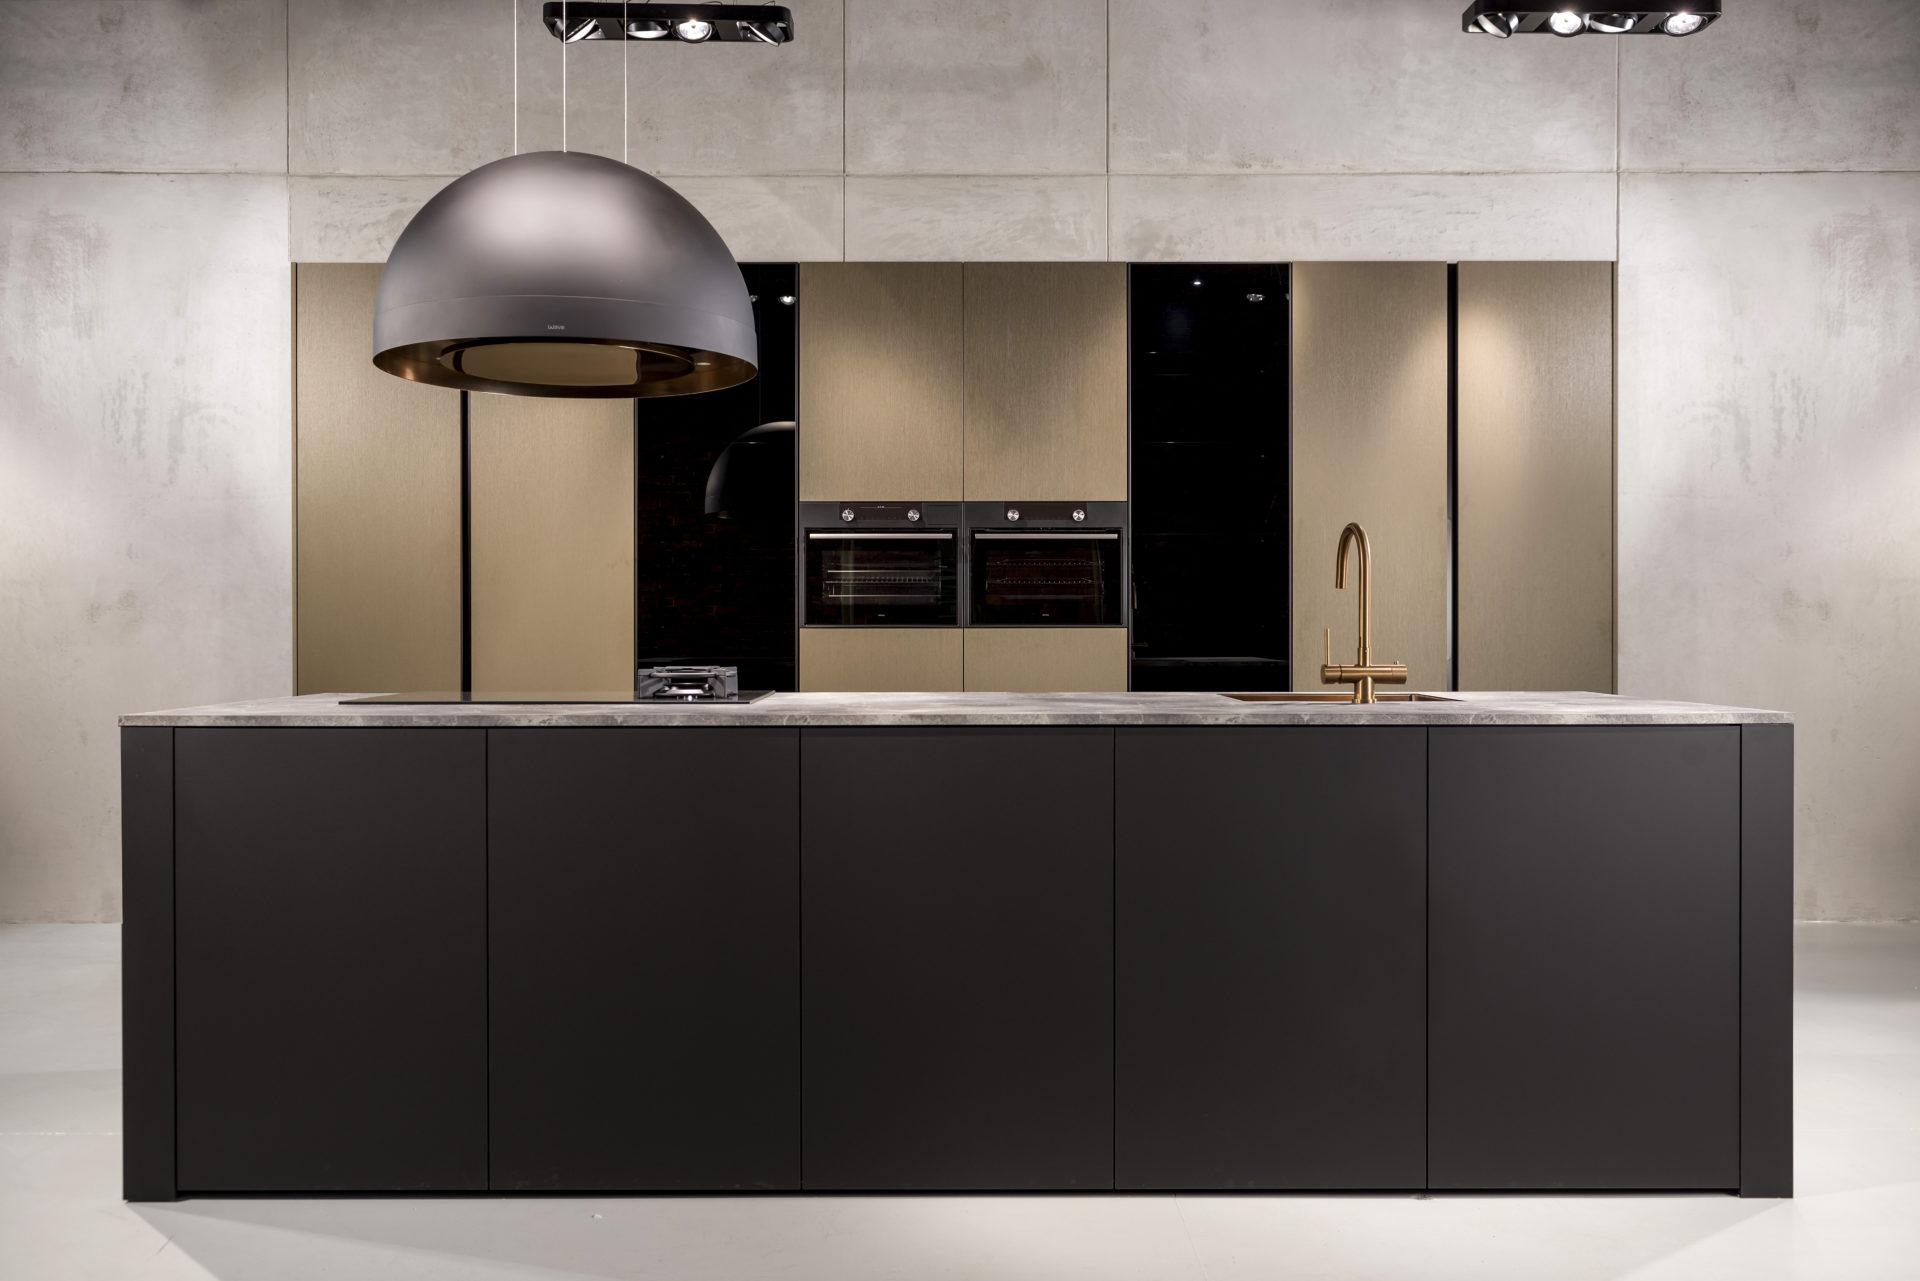 Moderne keuken friesland klassieke keukens vindt u in friesland